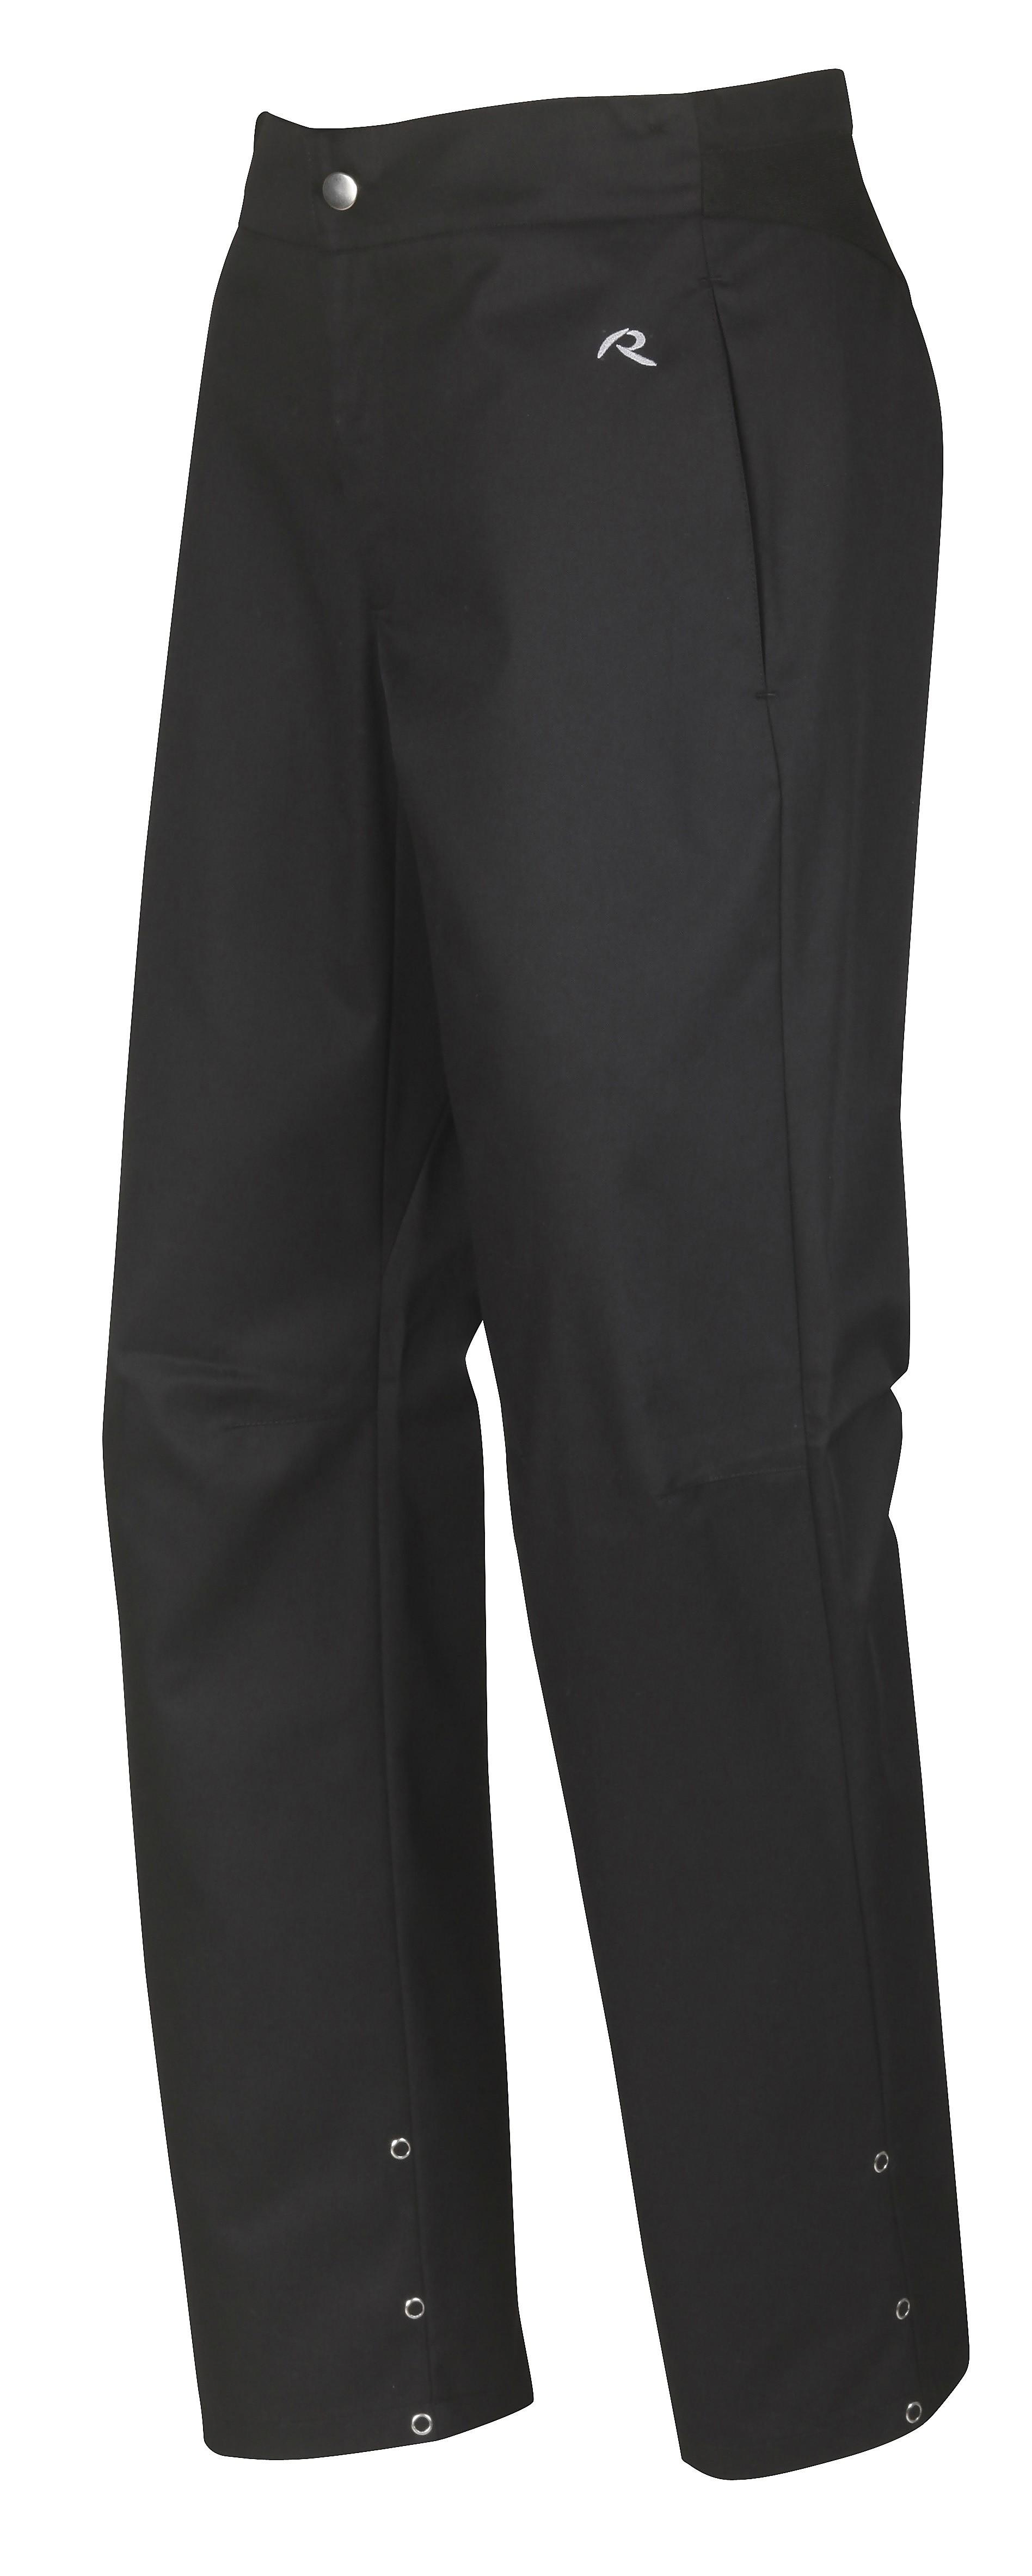 Pantalon de cuisine avec ceinture ponge robur - Pantalon de cuisine robur ...